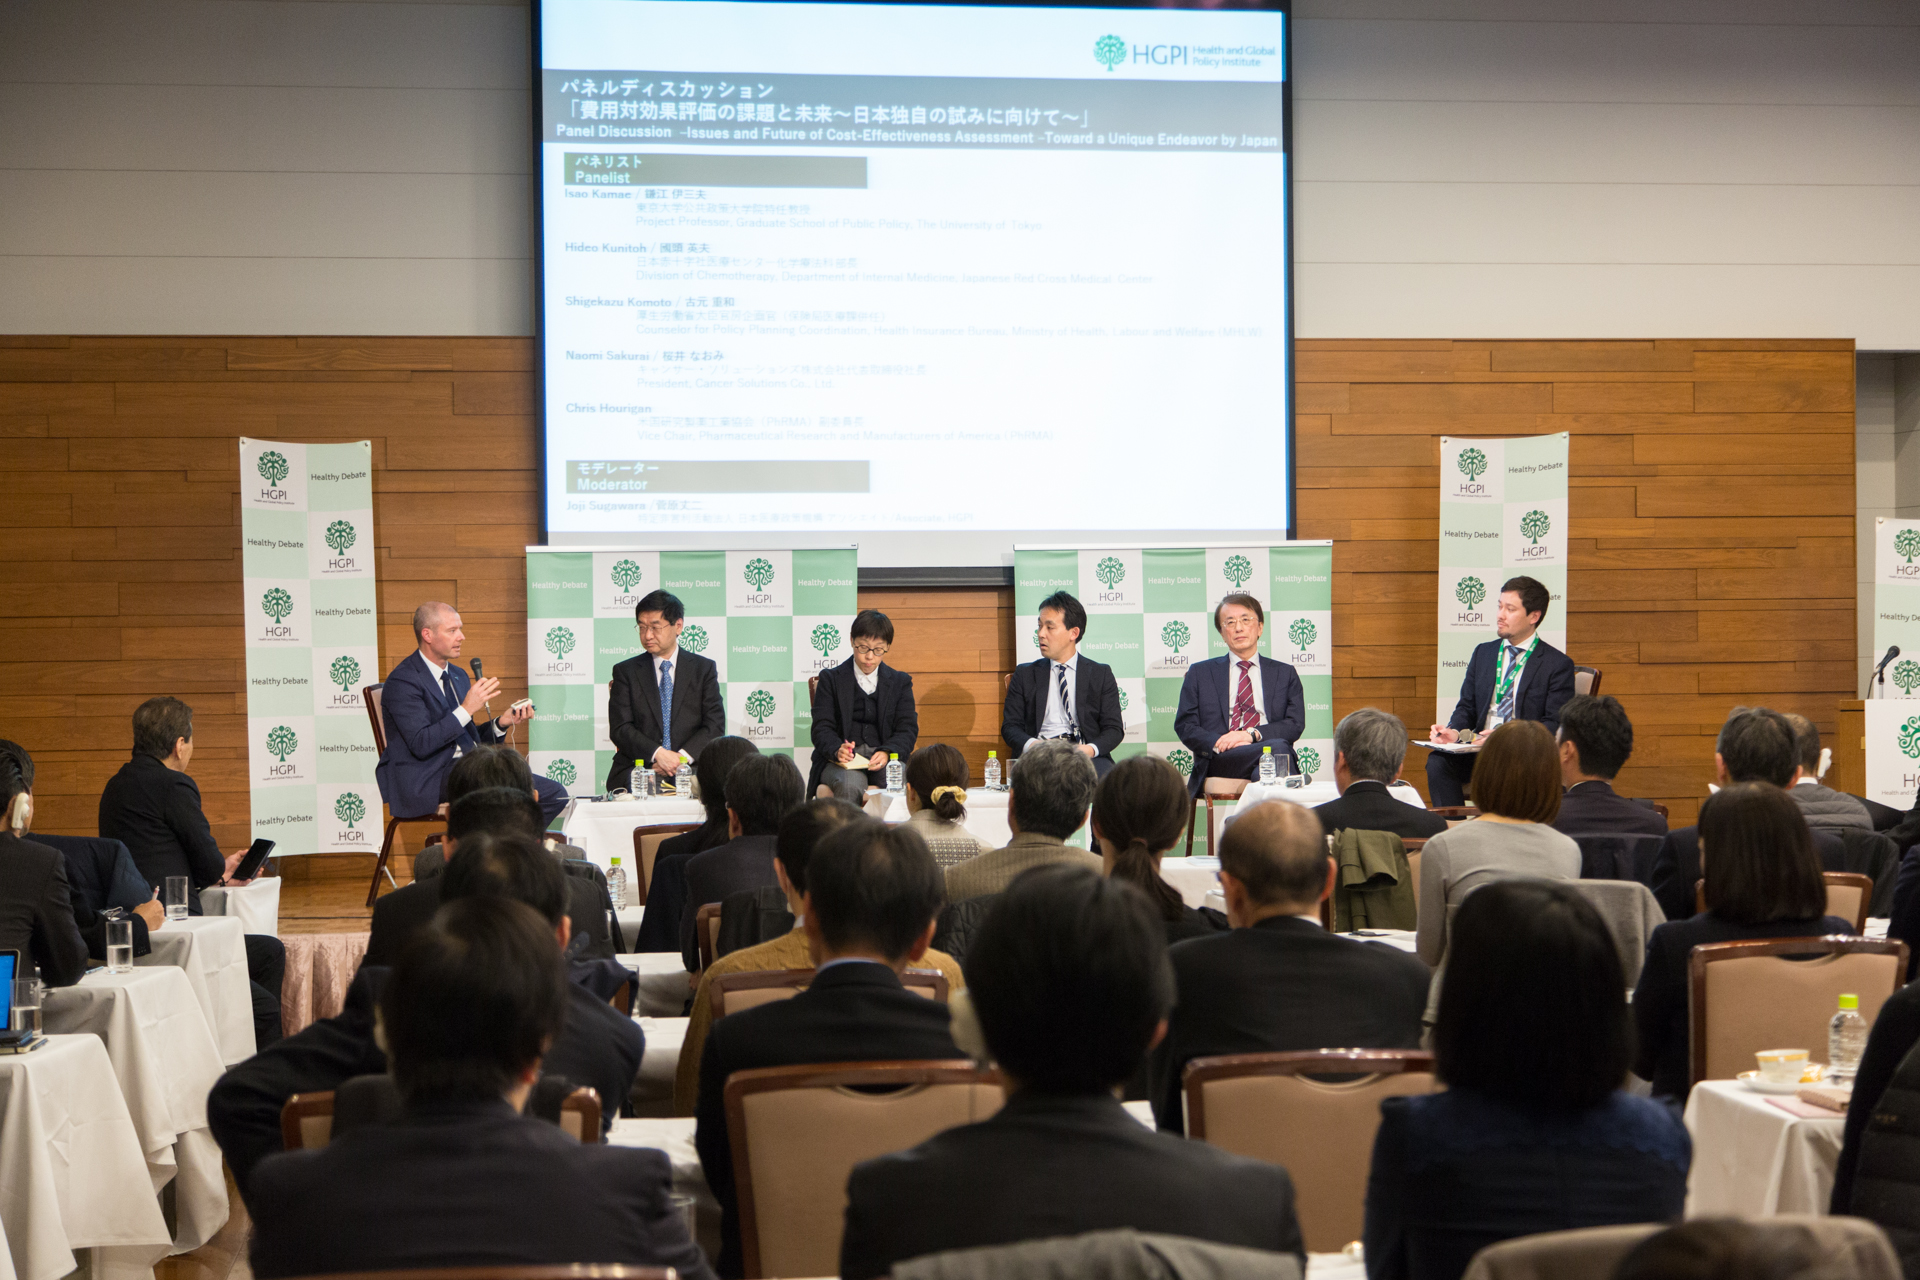 【開催報告】専門家会合「日本の医療の未来と費用対効果評価」(2018年12月14日)